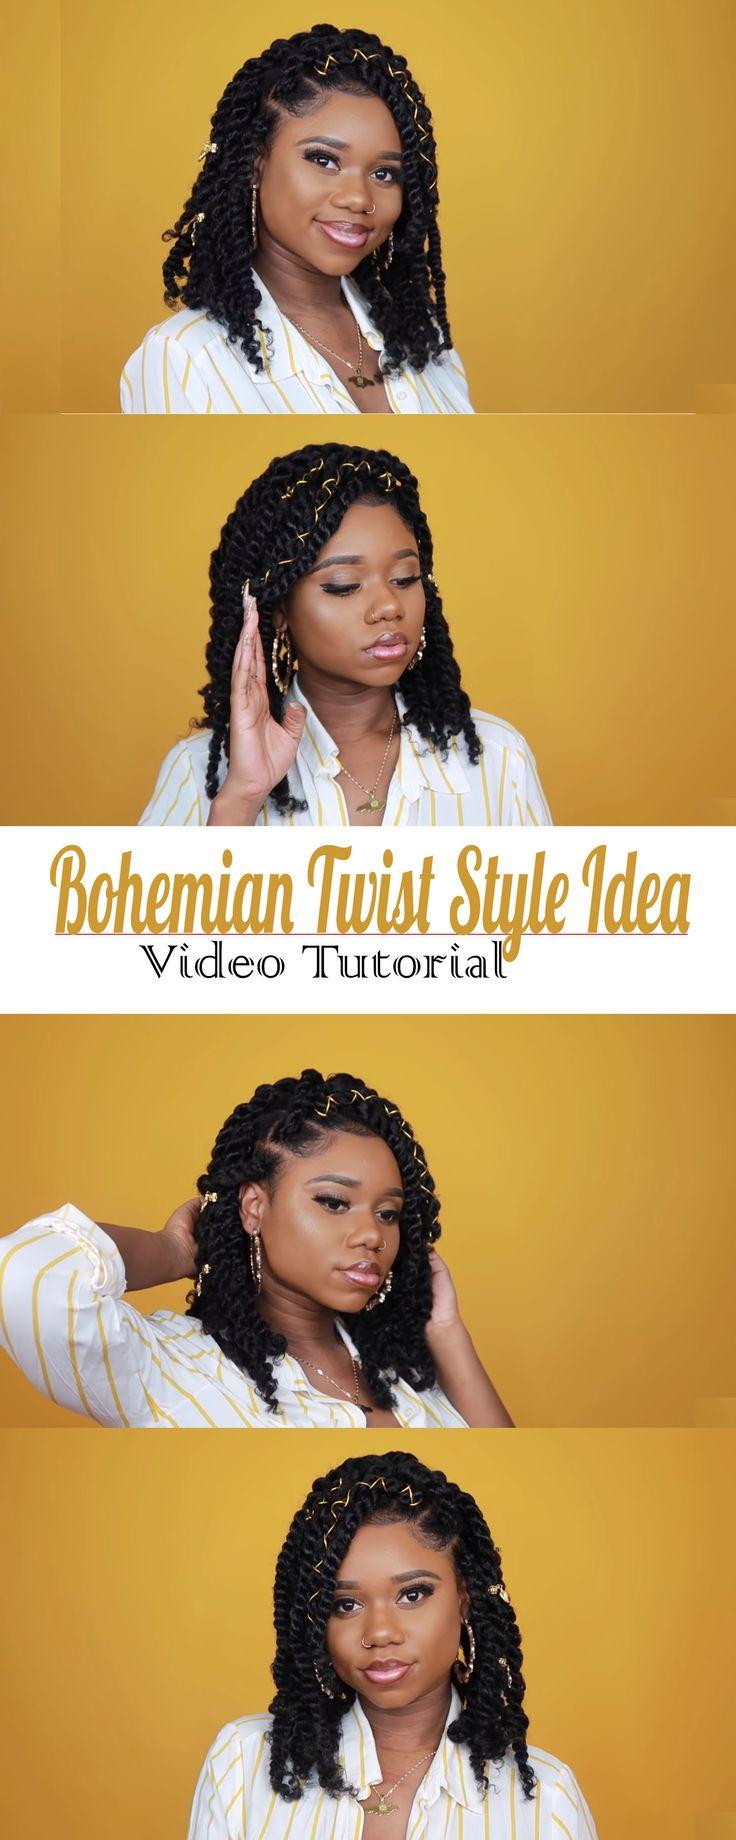 Bohemian Twists